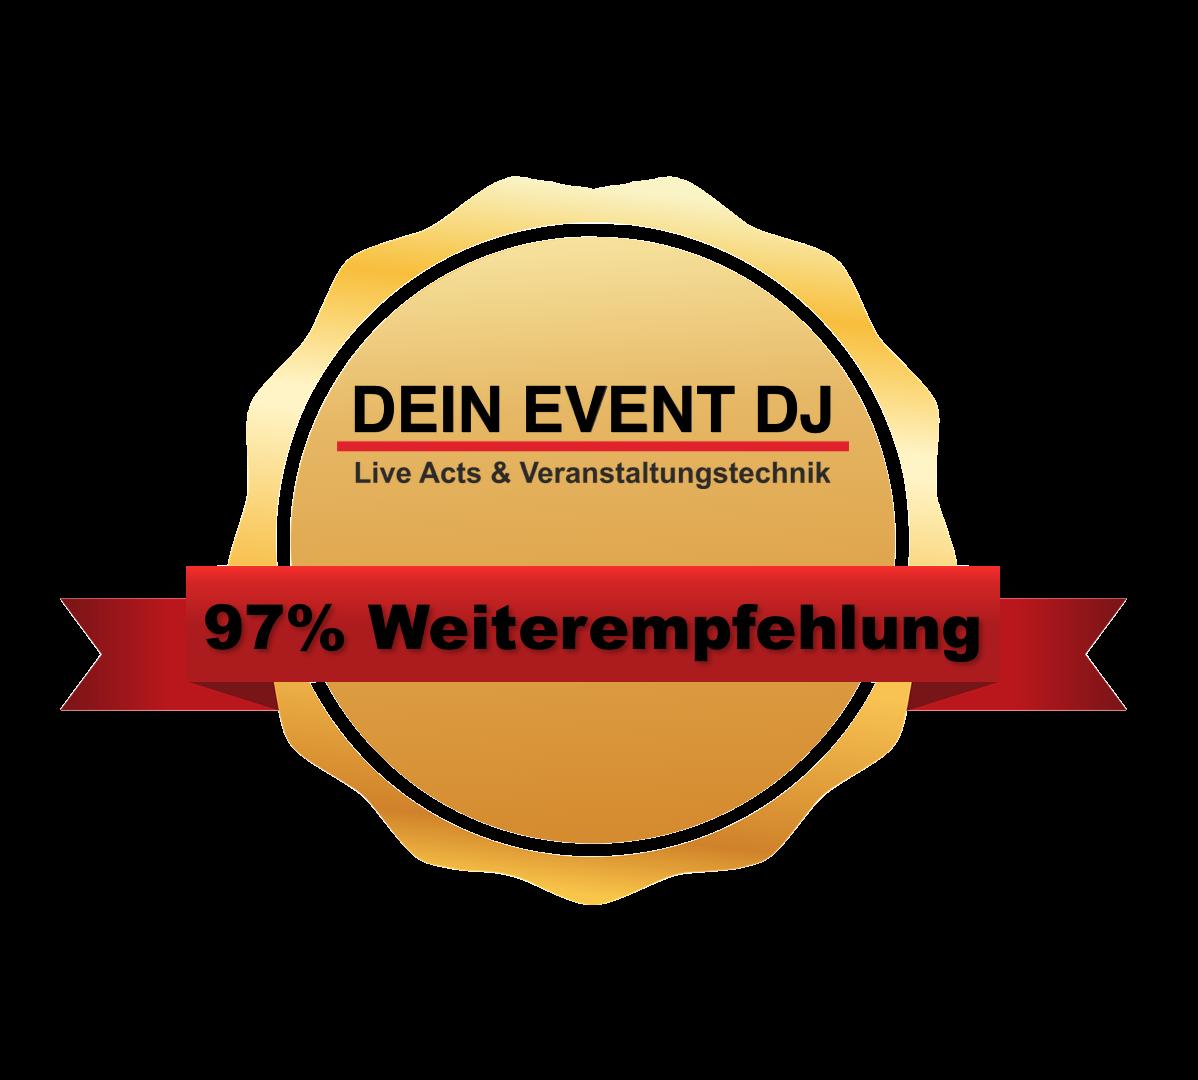 Dein Event DJ Bewertungssiegel